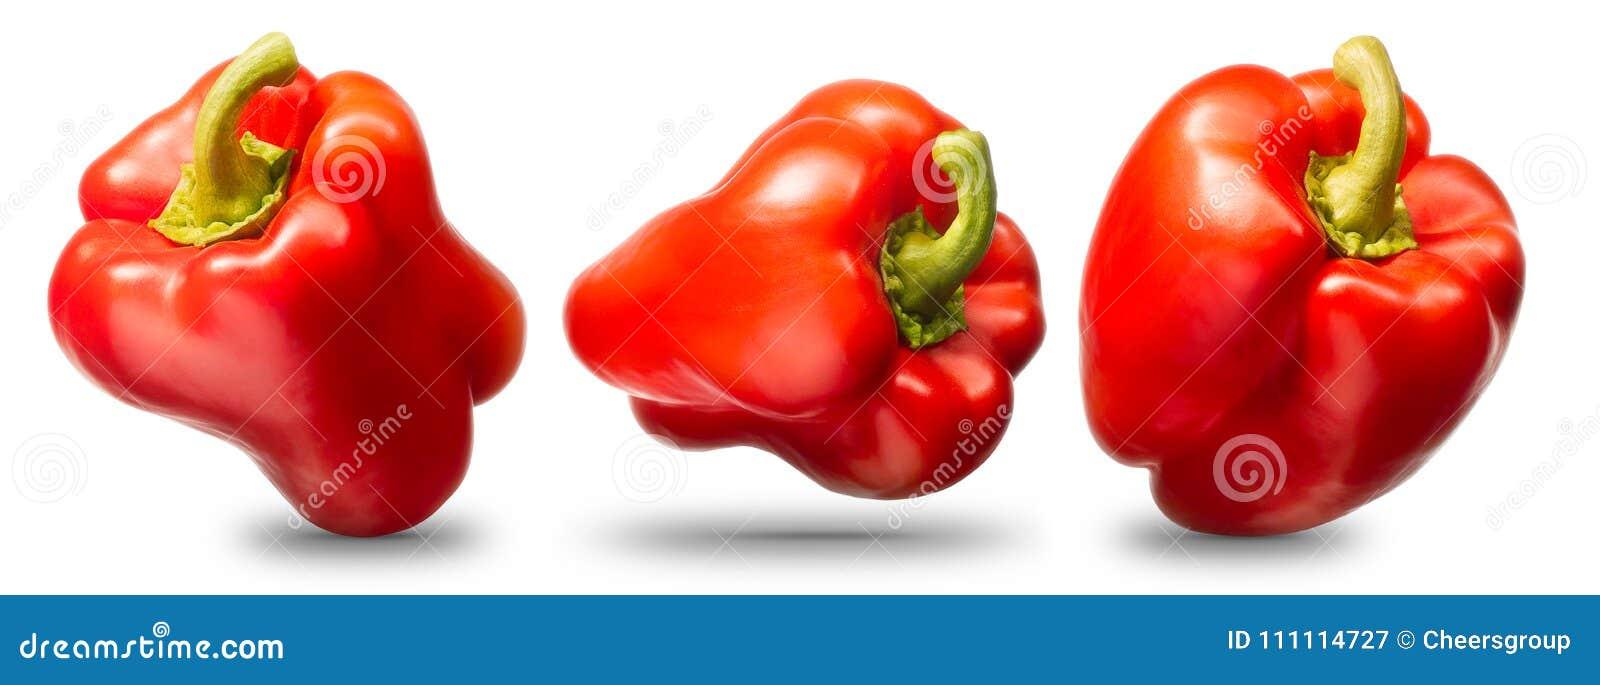 Coleção da pimenta vermelha isolada no branco